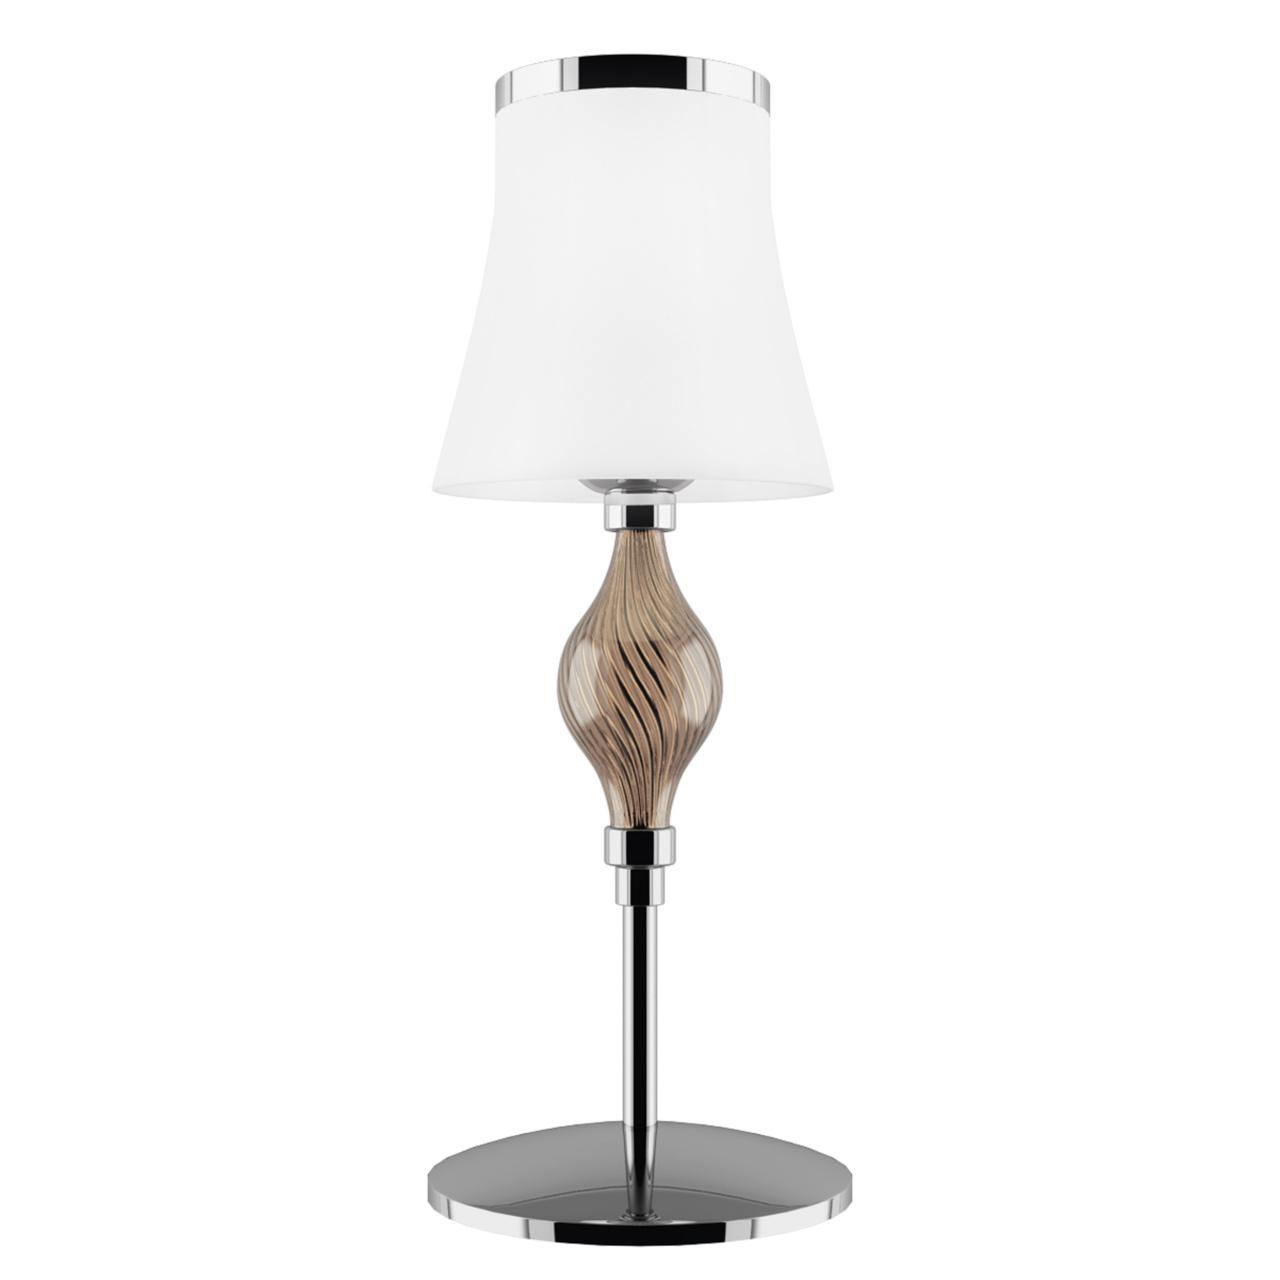 Настольная лампа Escica 1х40W E14 белый / коньяк / хром Lightstar 806910